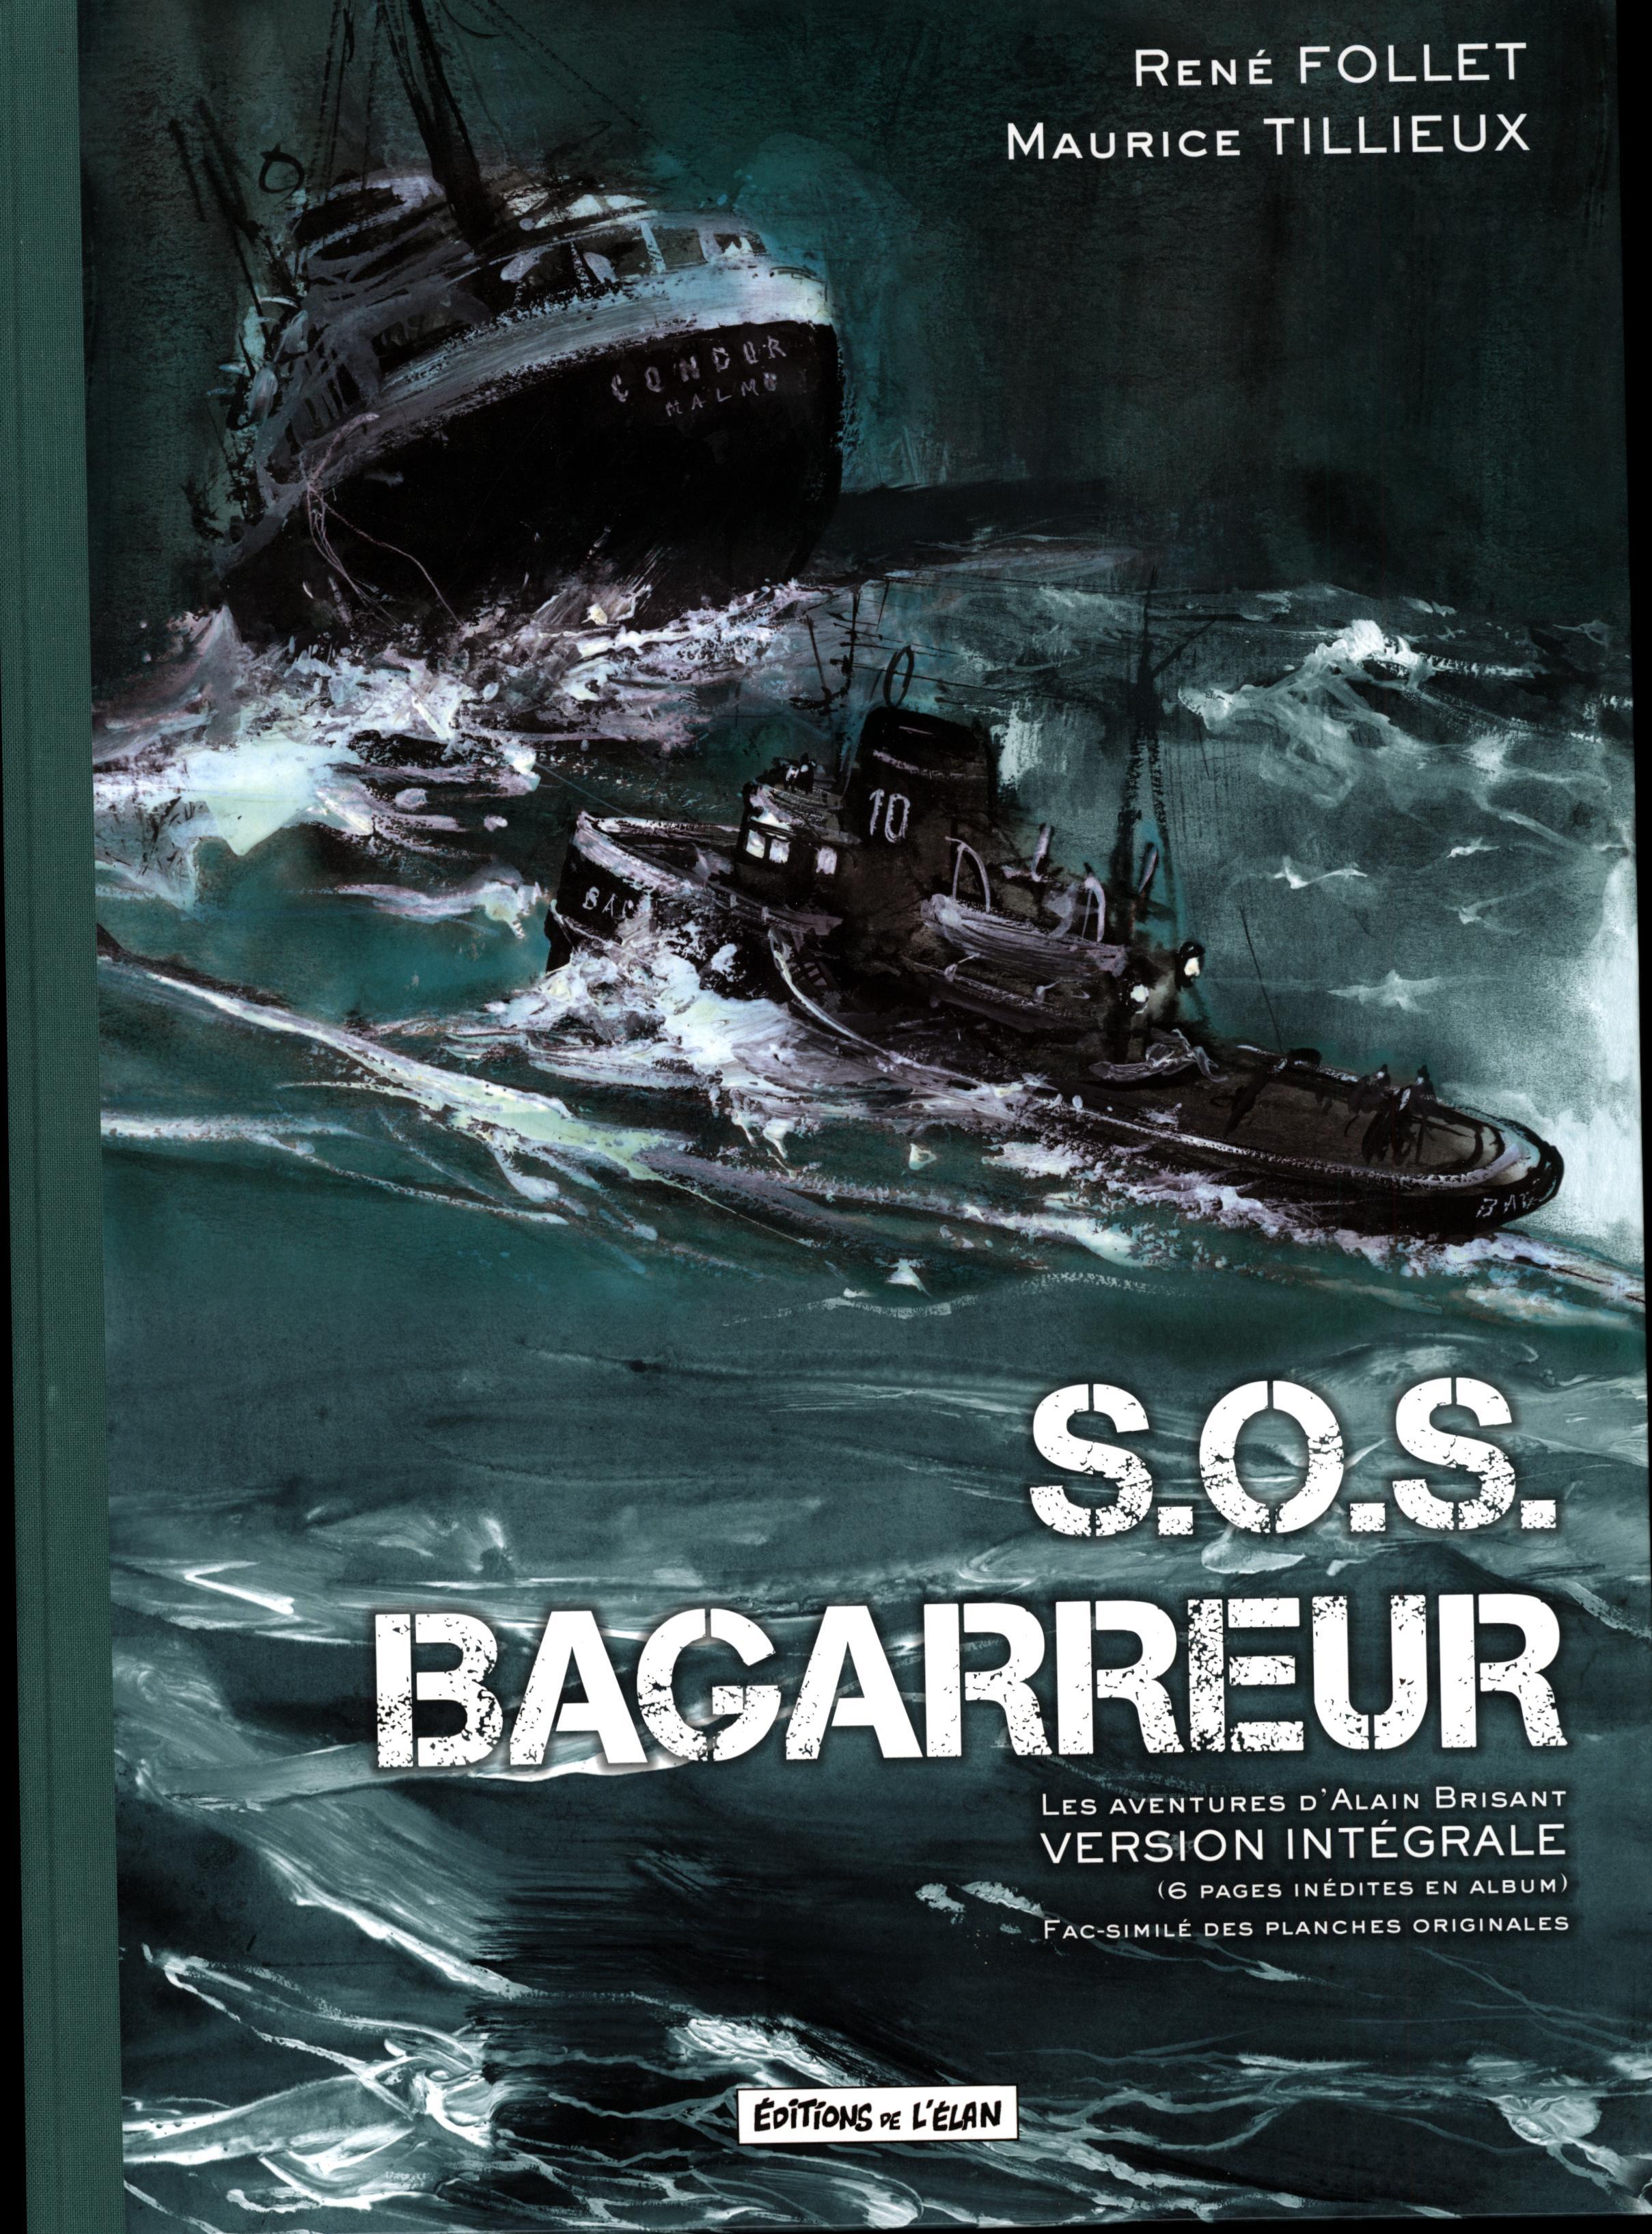 S.O.S. Bagarreur, un classique réédité signé Tillieux et Follet